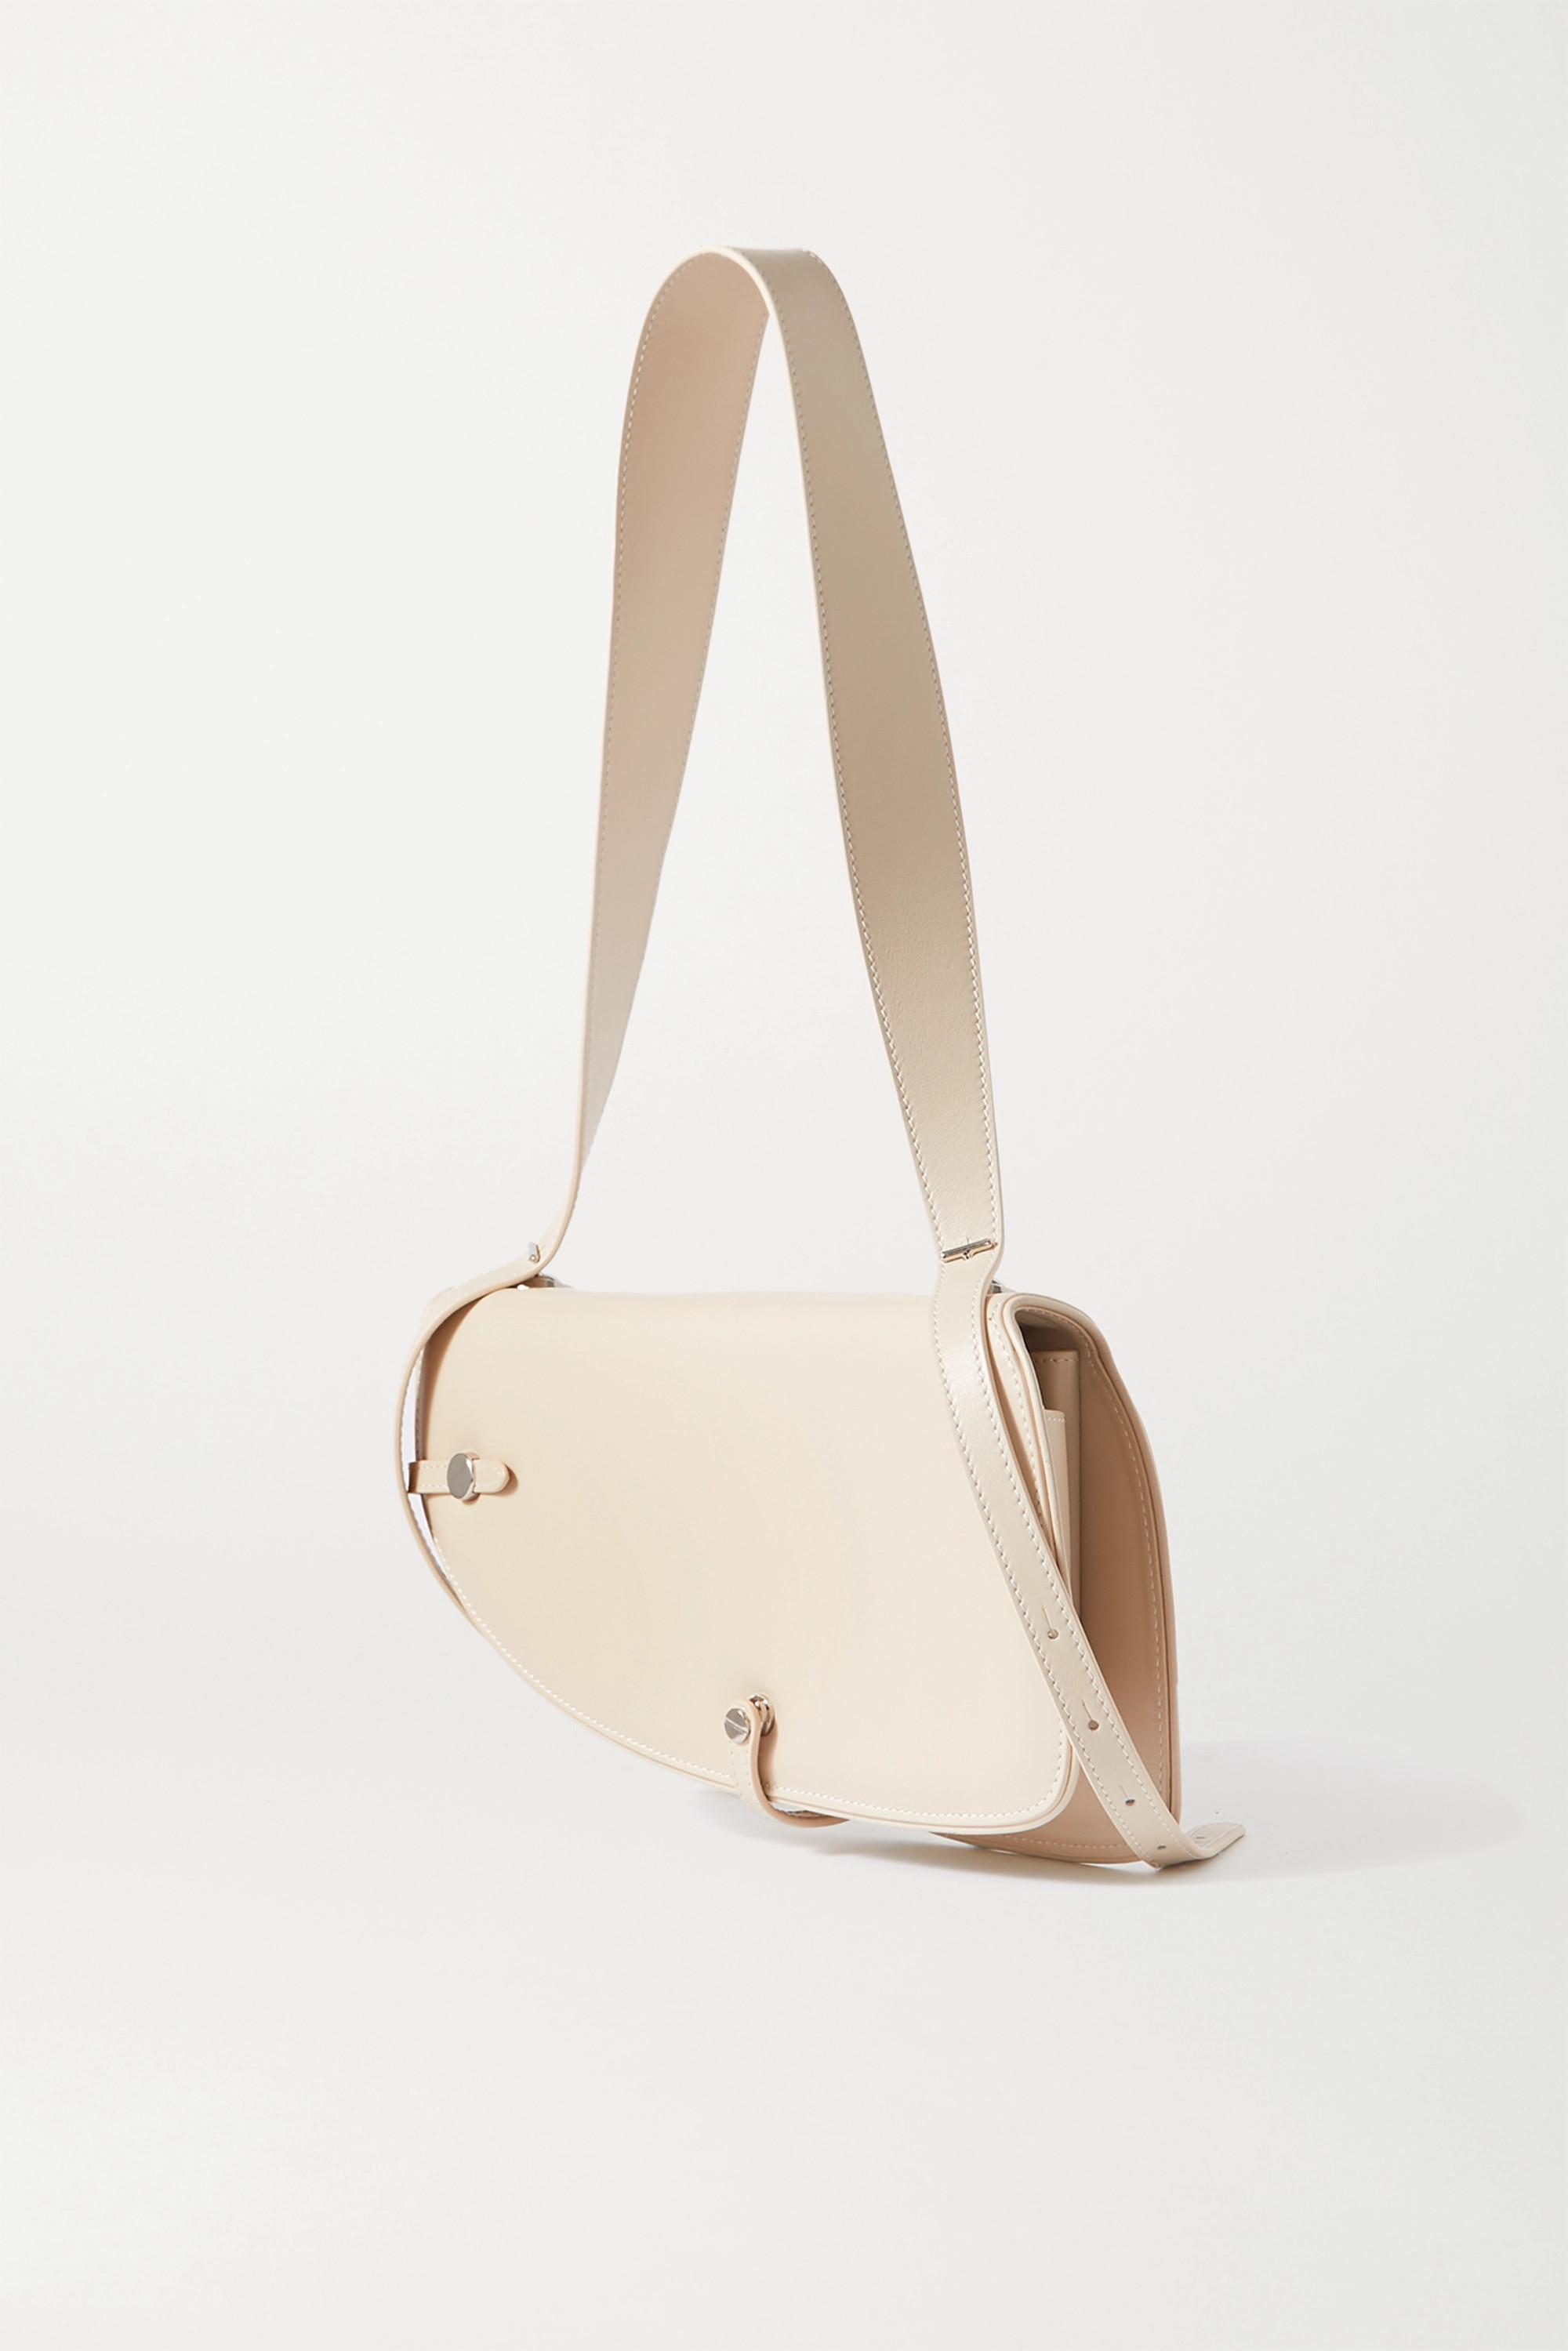 Ratio et Motus Holster leather shoulder bag